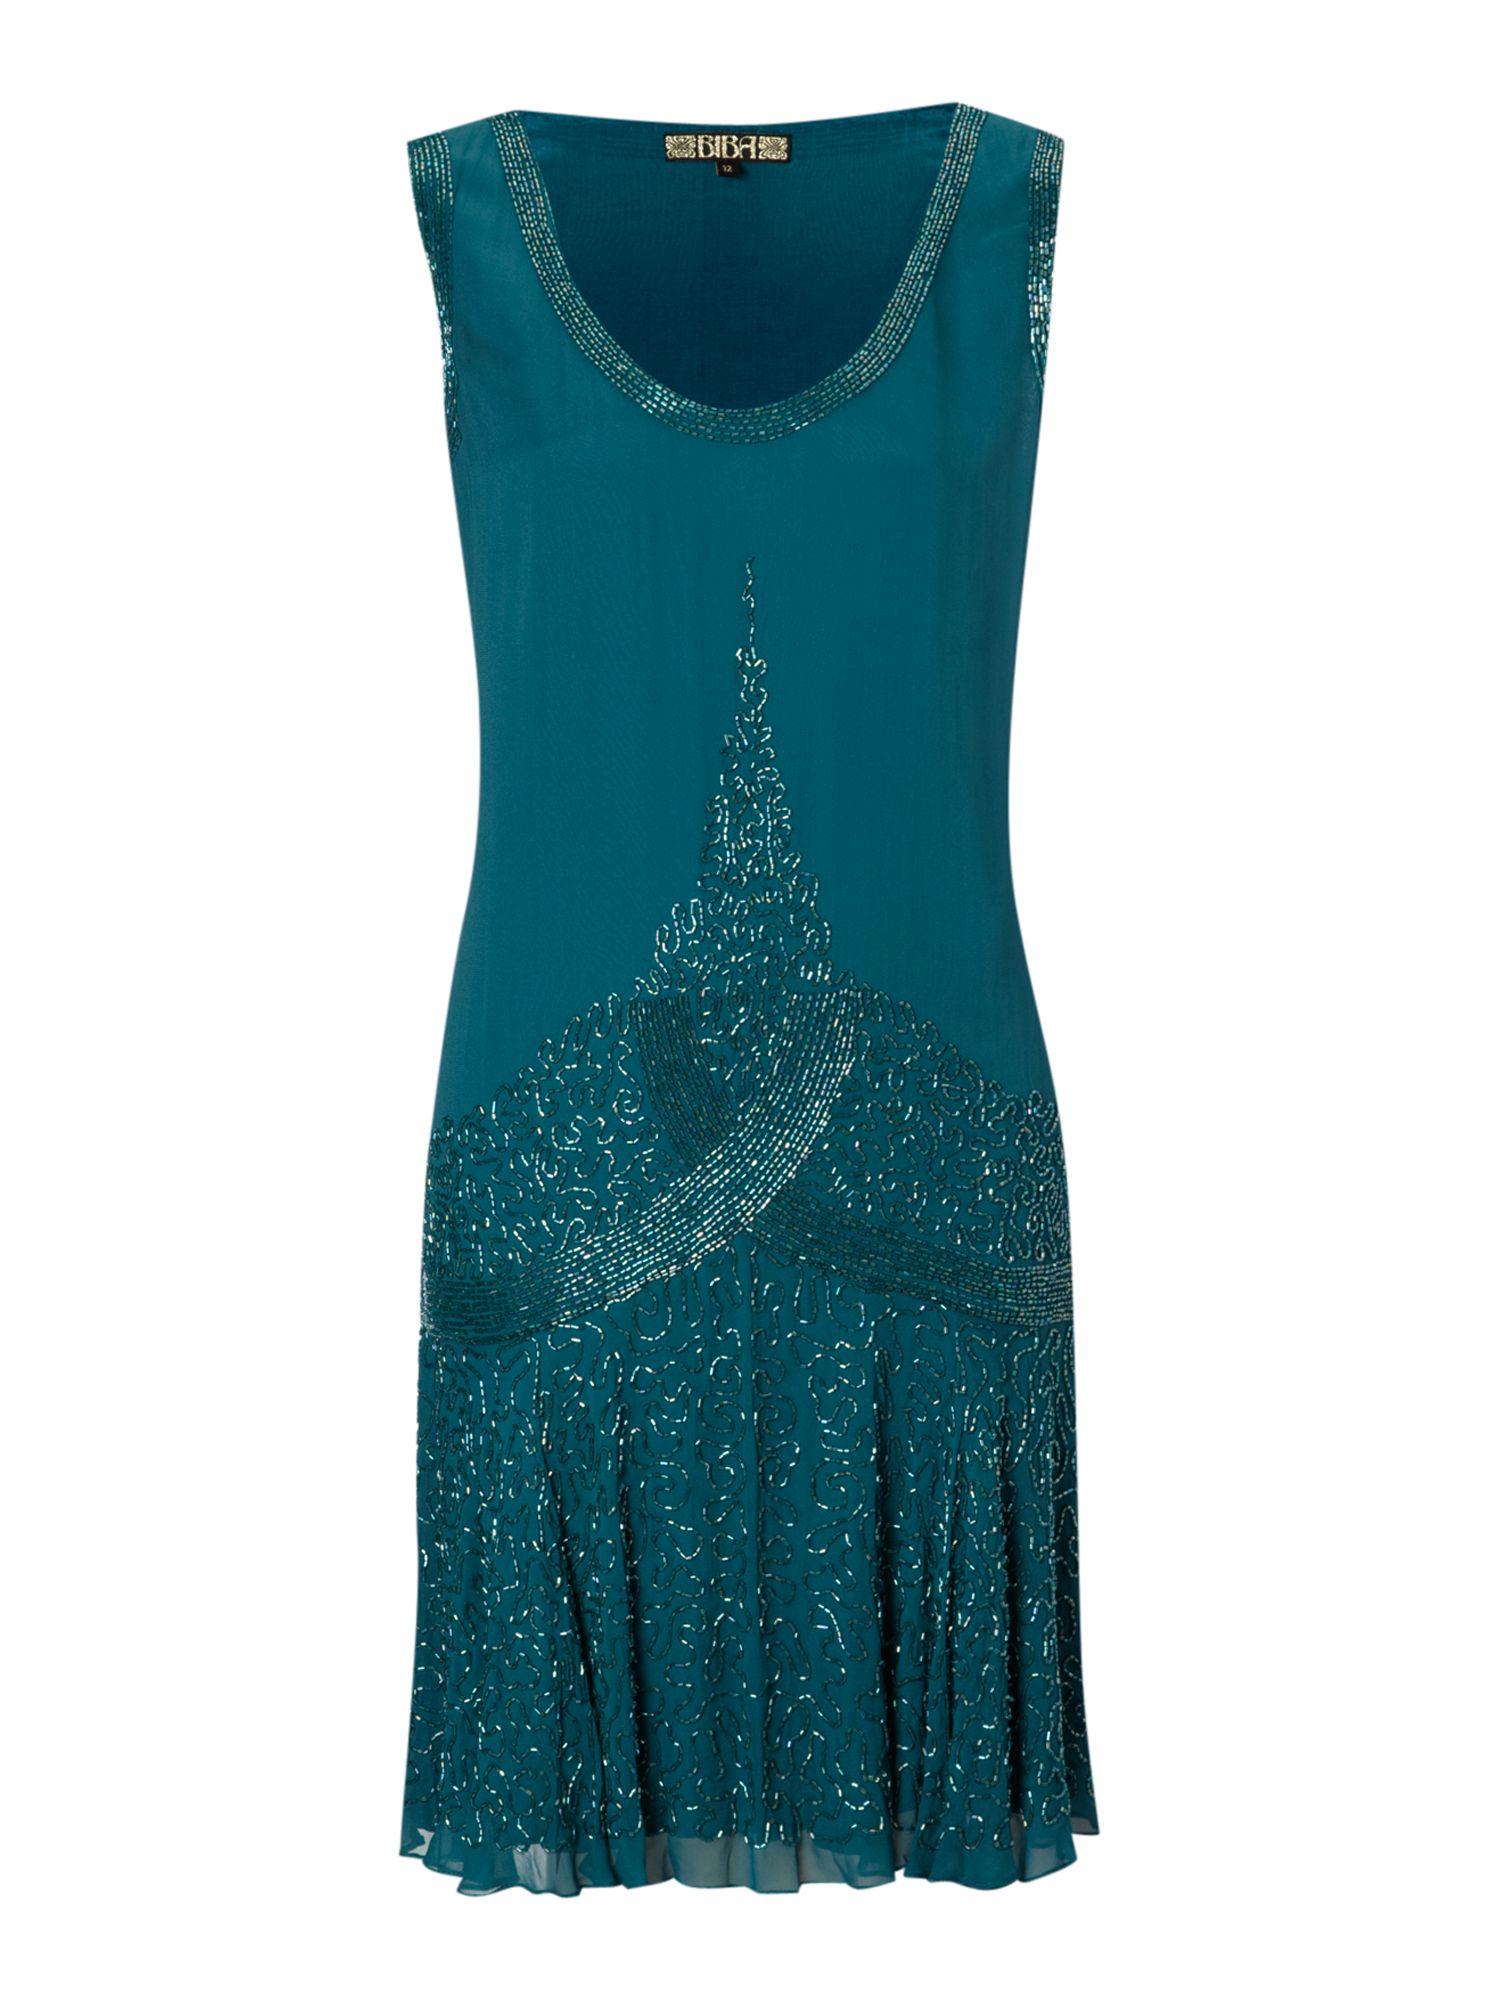 Biba Beaded Flapper Dress in Blue | Lyst